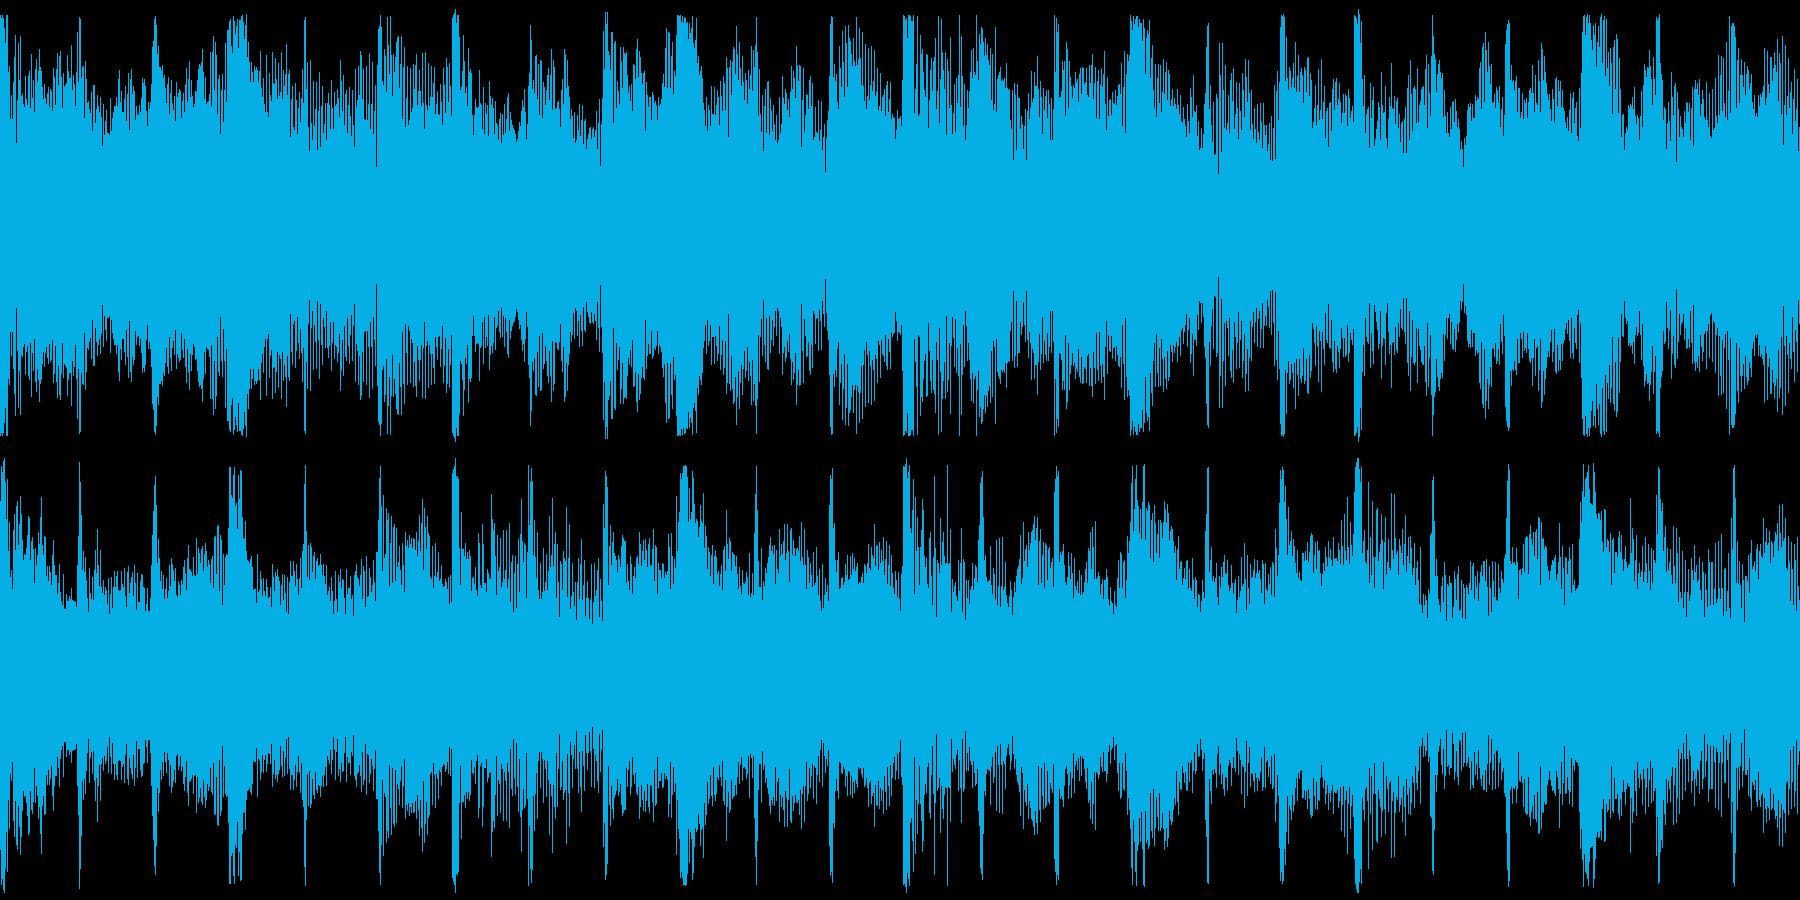 感動表現、CM,ブライダル、ループ1の再生済みの波形